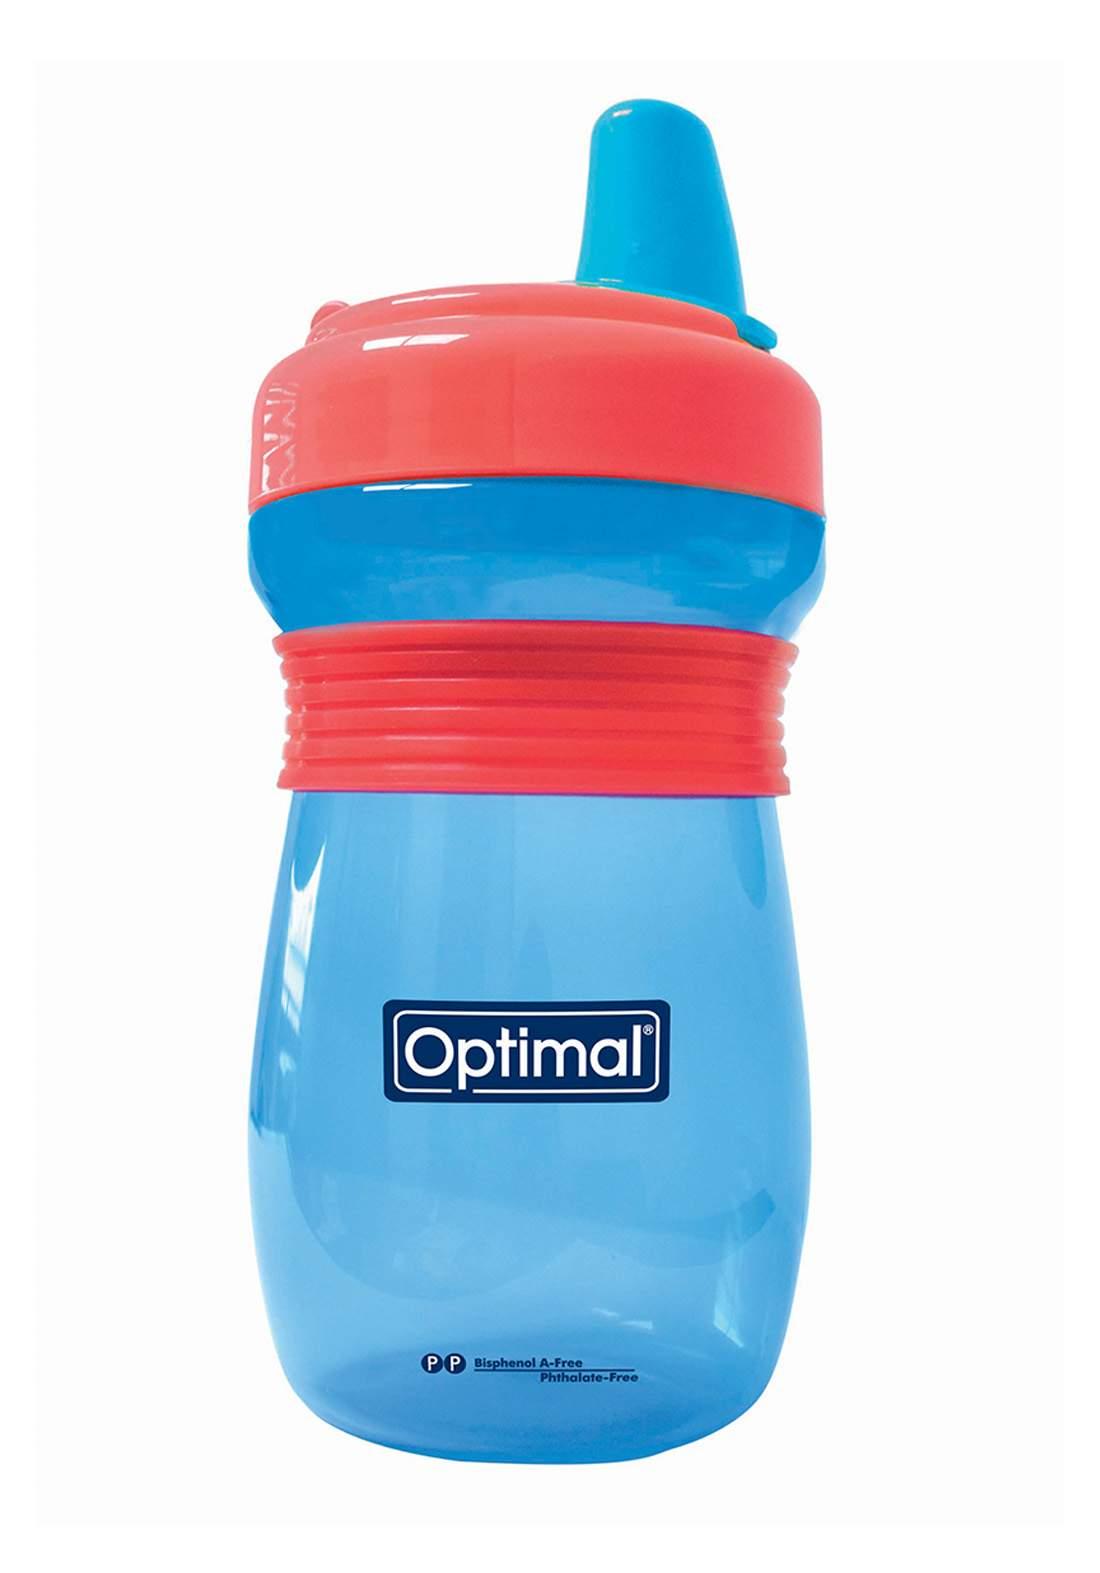 Optimal Non Spill Feeding Bottle With Handle 300ml كوب للأطفال